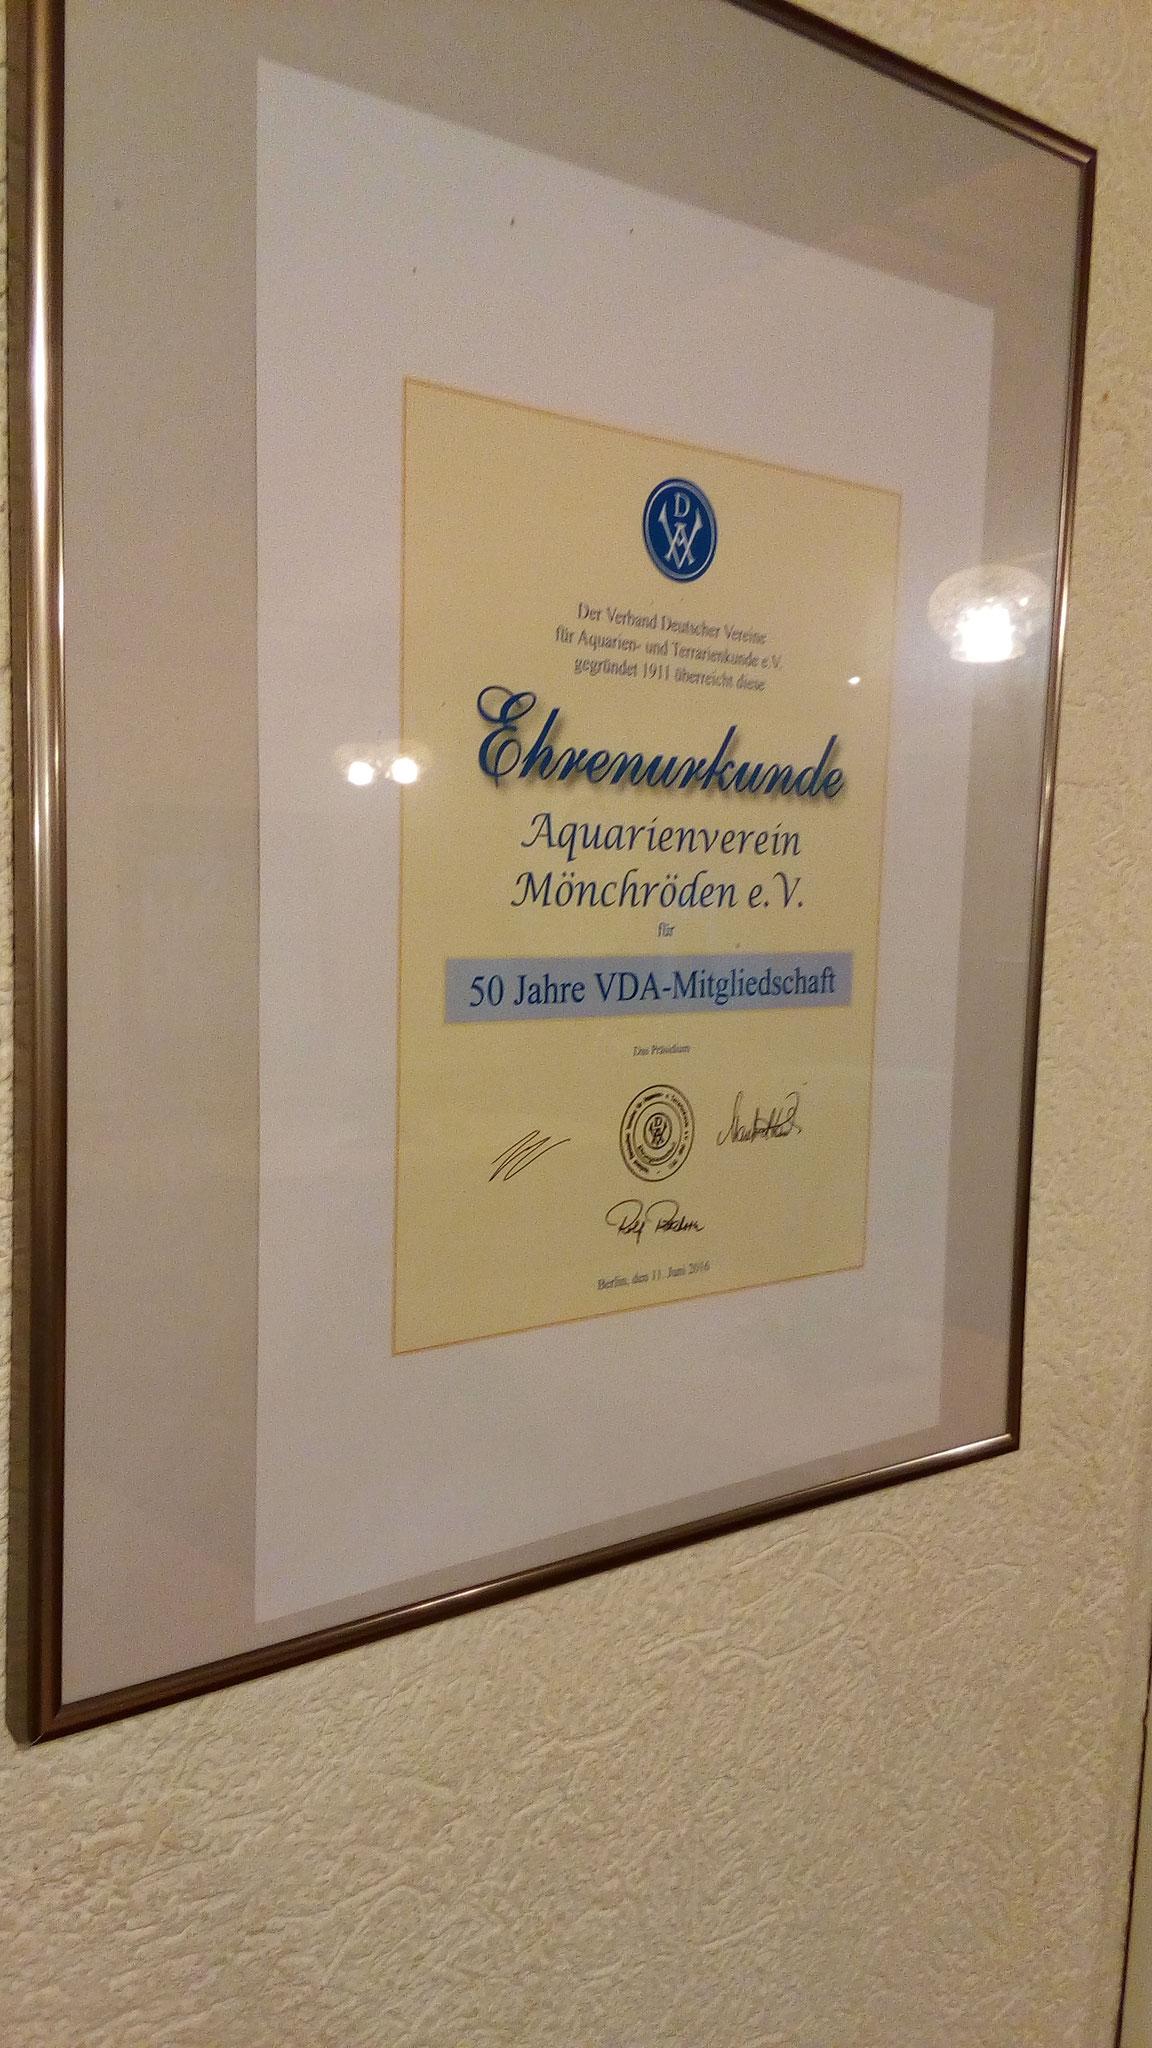 Urkunde über 50 Jahre VDA Mitgliedschaft